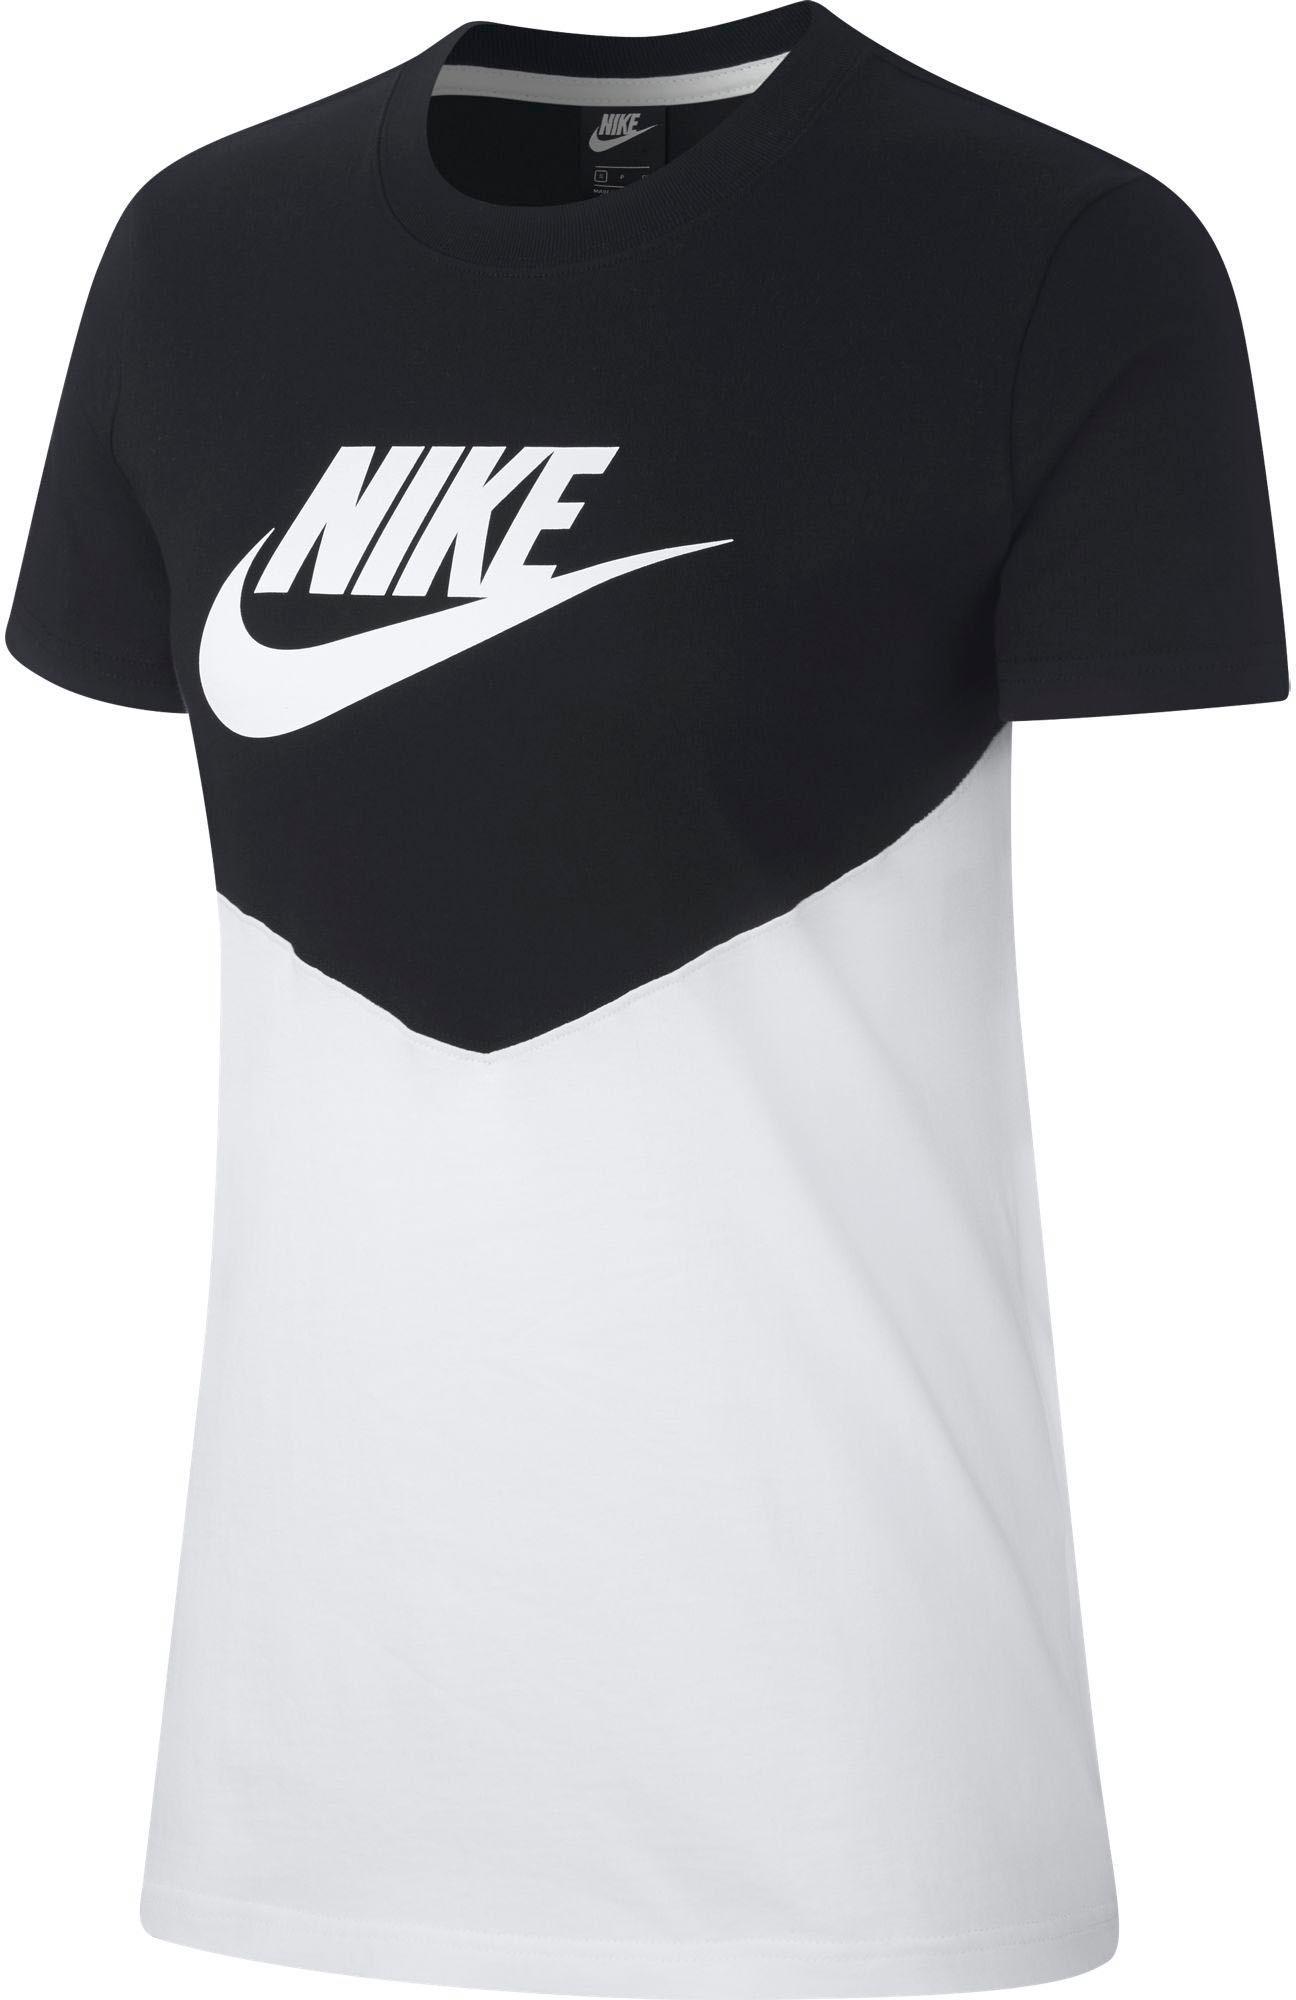 Nike NSW T-Shirt Damen black-white im Online Shop von SportScheck kaufen